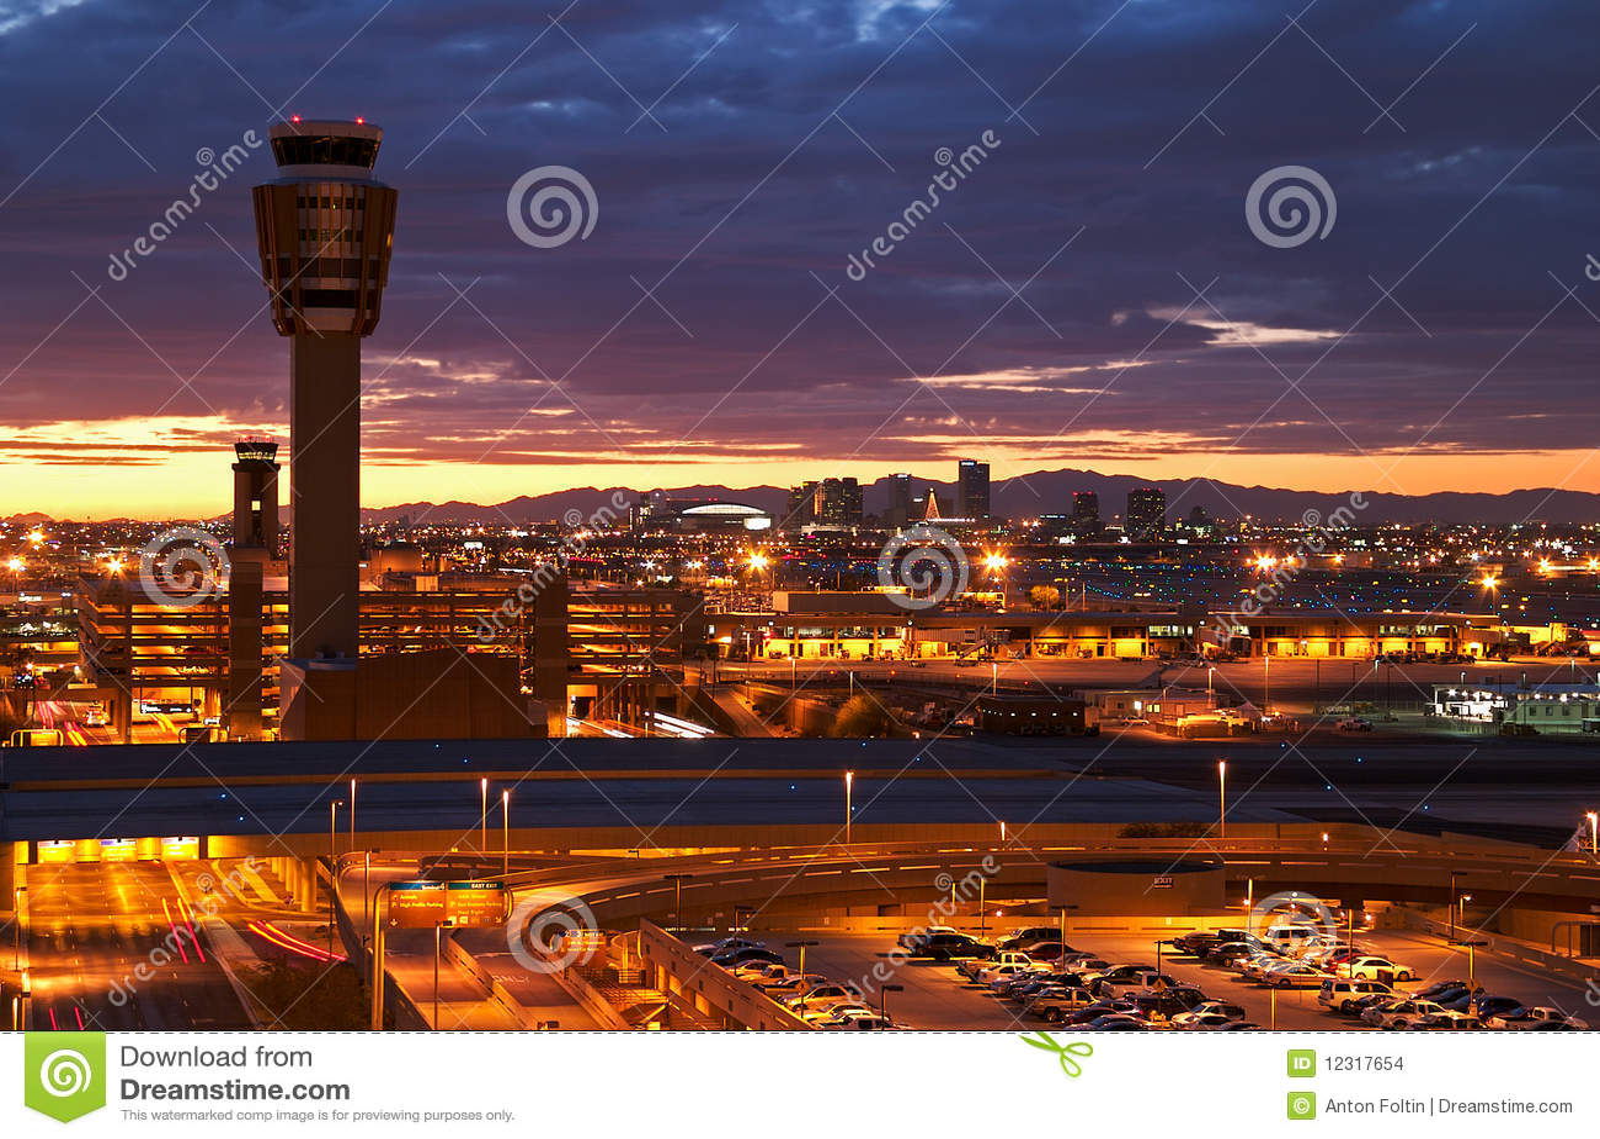 Aeropuerto en la puesta del sol